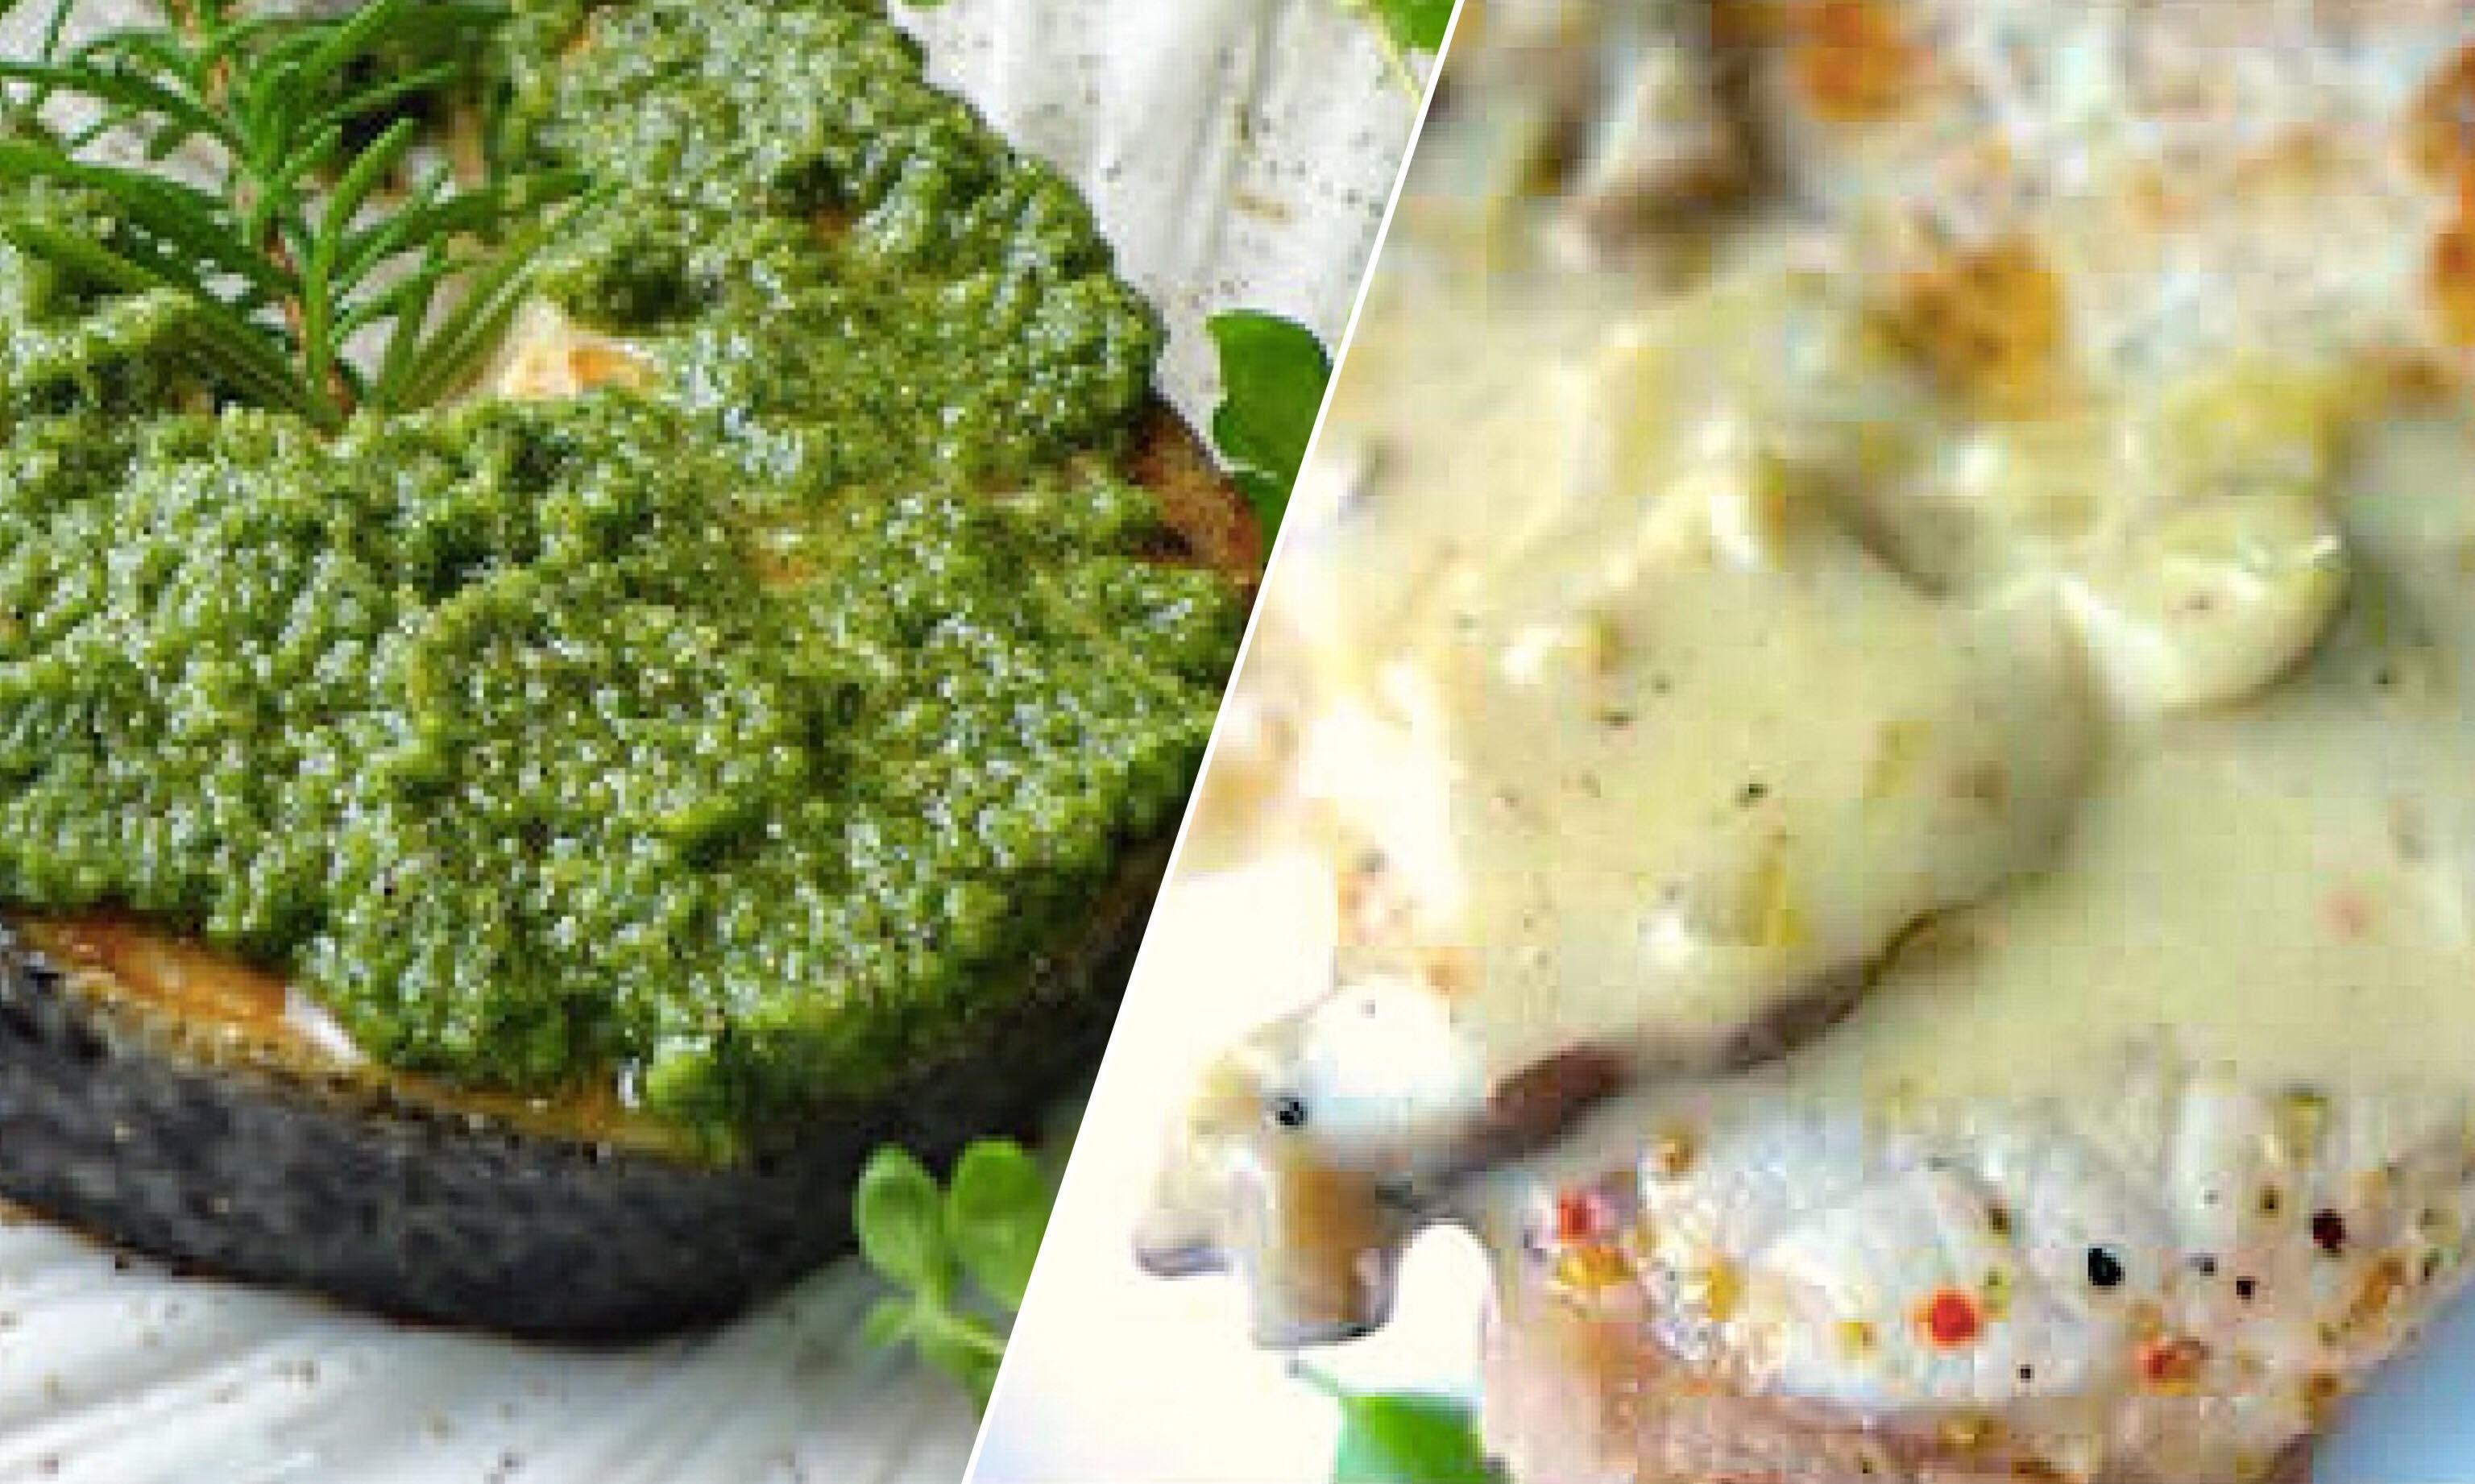 「廚師等級的香濃奶油白醬、羅勒青醬做法」濃郁鮮香,教你第一次煮義大利麵就上手!